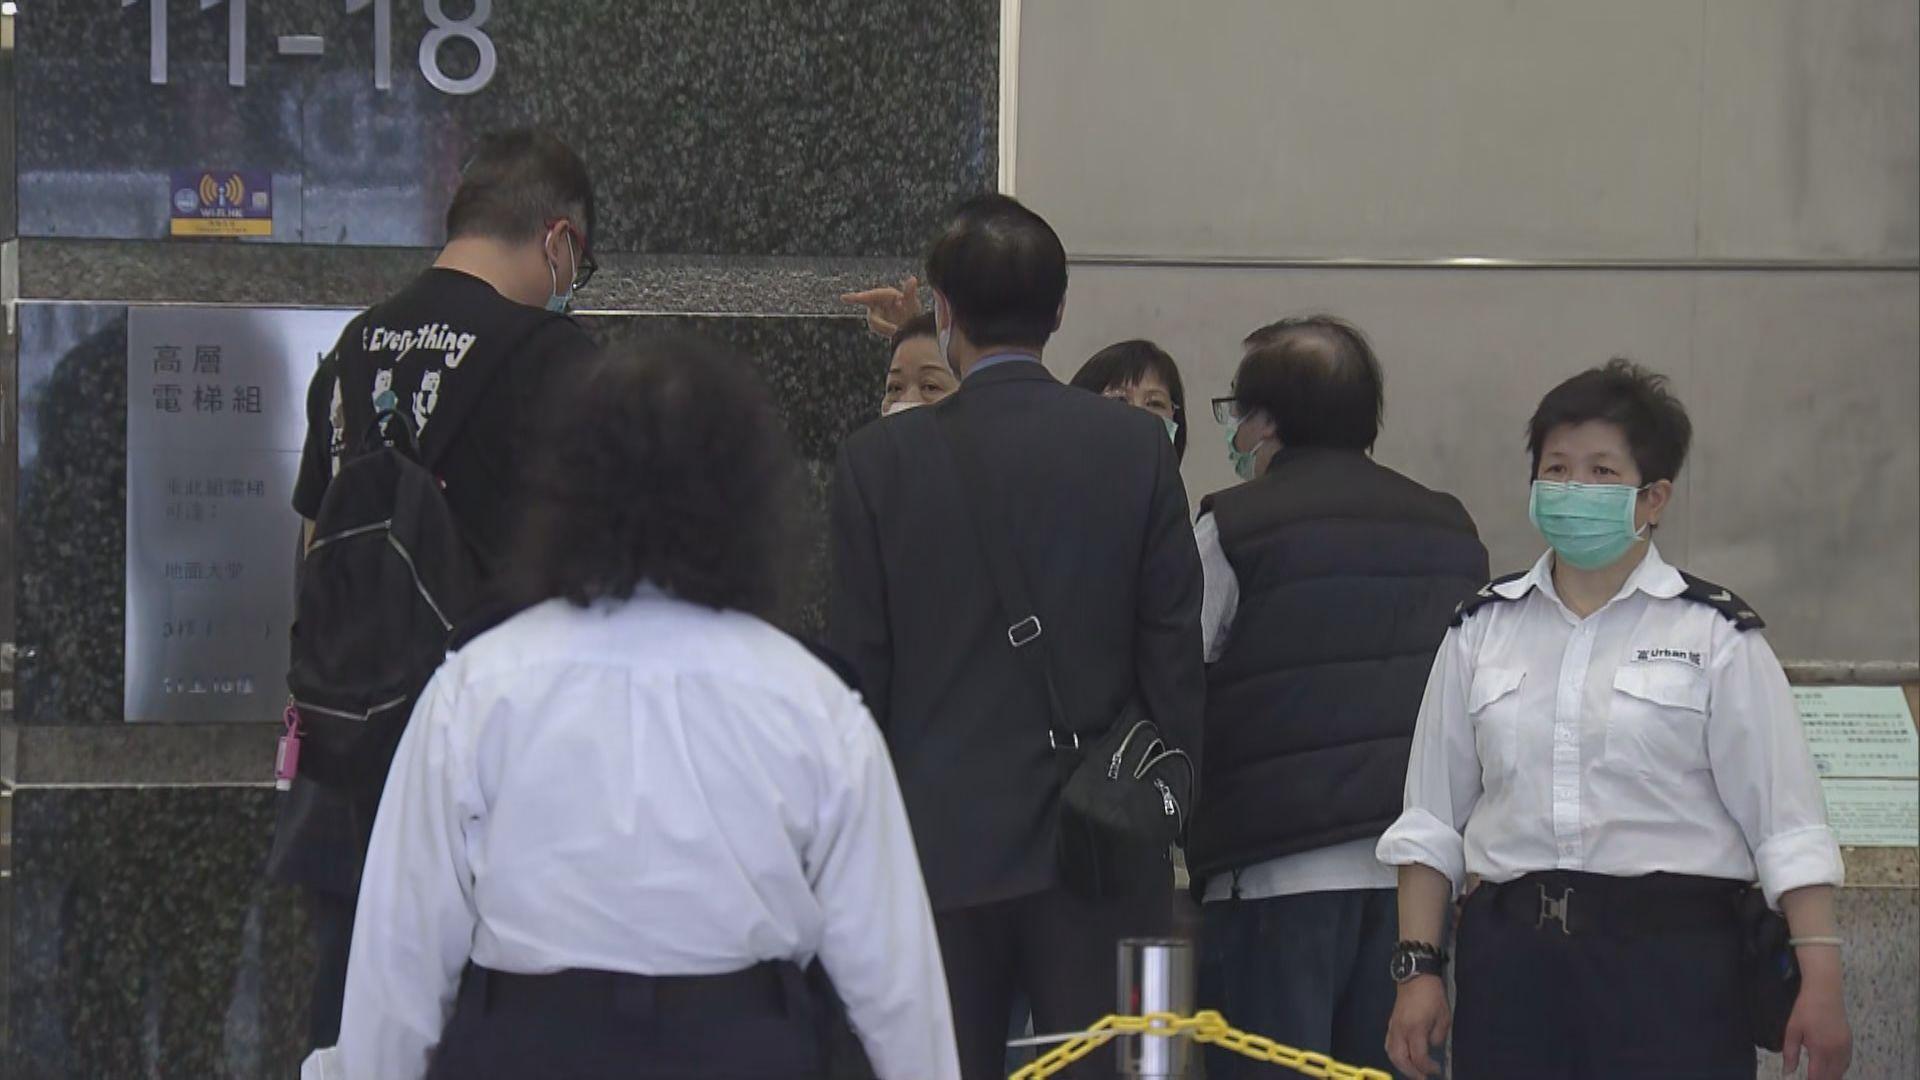 政府合署內公共服務陸續恢復 有人開門前到入境處排隊